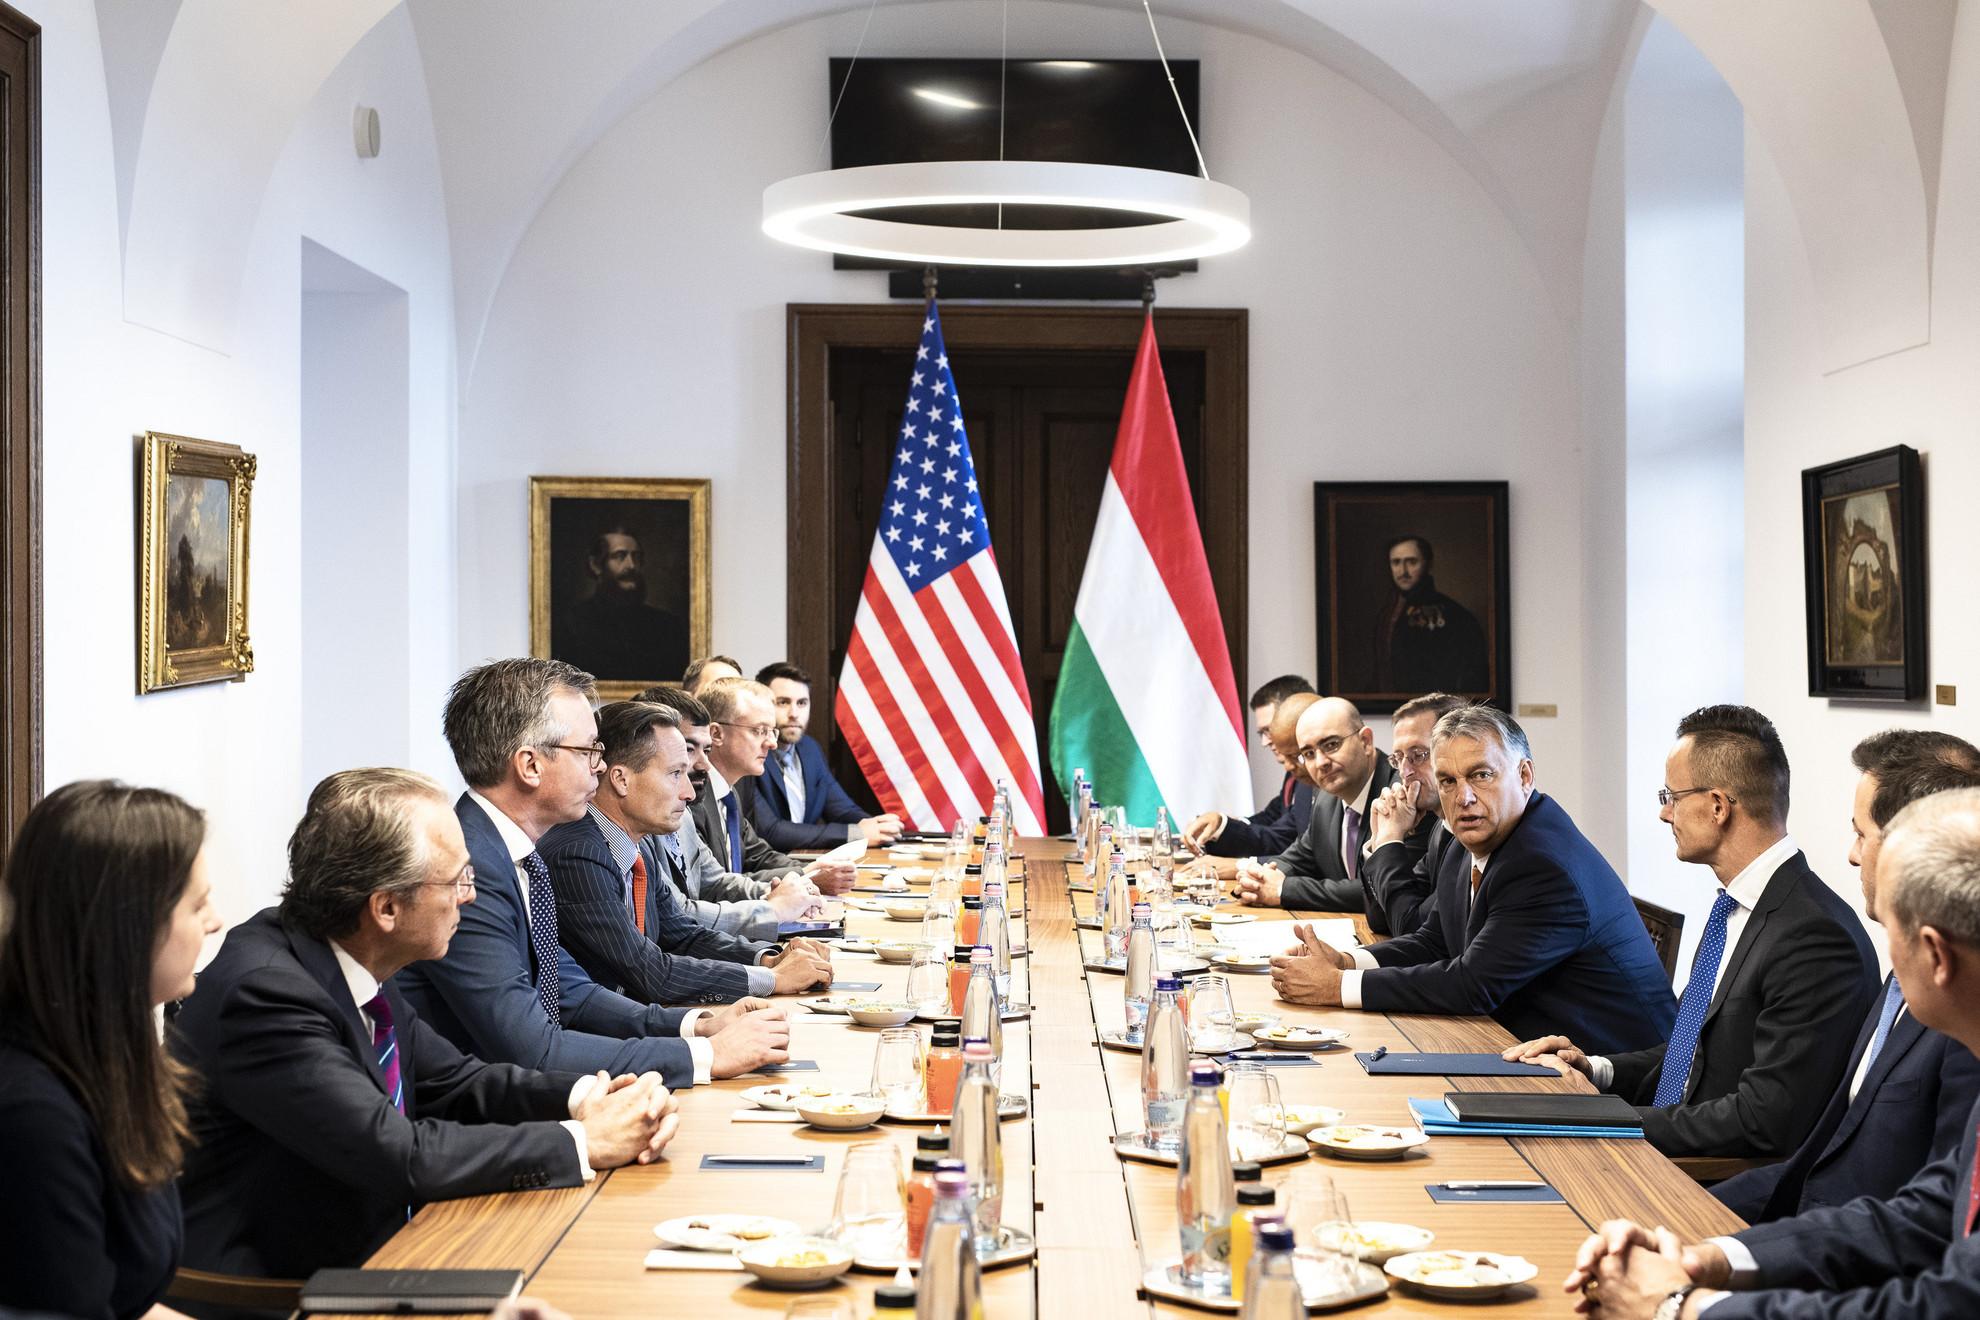 A Miniszterelnöki Sajtóiroda által közreadott képen Orbán Viktor miniszterelnök (j4) fogadja Eric Stewartot, az Amerikai-Magyar Üzleti Tanács (USHBC) elnökét (b4) és az üzleti küldöttség résztvevőit a Karmelita kolostorban 2019. október 10-én. Jobbról Szijjártó Péter külgazdasági és külügyminiszter (j3) és Varga Mihály pénzügyminiszter (j5)